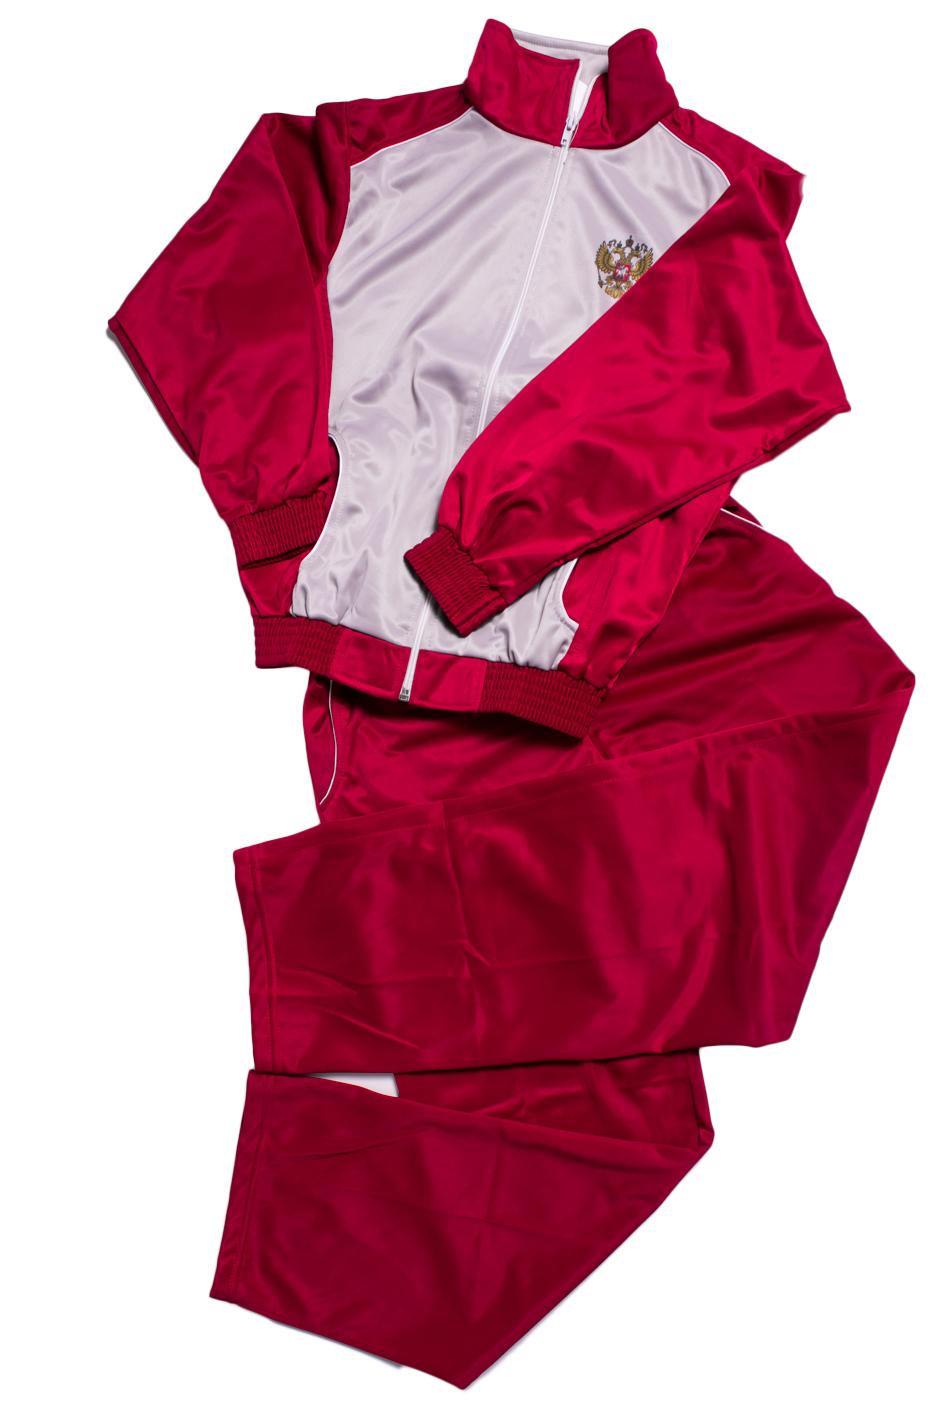 Спортивный костюмКостюмы<br>Спортивный костюм для девочки. Отличный выбор для занятий спортом или активного отдыха.  В изделии использованы цвета: красный, серый, белый  Размер 74 соответствует росту 70-73 см Размер 80 соответствует росту 74-80 см Размер 86 соответствует росту 81-86 см Размер 92 соответствует росту 87-92 см Размер 98 соответствует росту 93-98 см Размер 104 соответствует росту 98-104 см Размер 110 соответствует росту 105-110 см Размер 116 соответствует росту 111-116 см Размер 122 соответствует росту 117-122 см Размер 128 соответствует росту 123-128 см Размер 134 соответствует росту 129-134 см Размер 140 соответствует росту 135-140 см Размер 146 соответствует росту 141-146 см Размер 152 соответствует росту 147-152 см Размер 158 соответствует росту 153-158 см Размер 164 соответствует росту 159-164 см<br><br>По сезону: Осень,Весна<br>Размер : 152<br>Материал: Полиэстер<br>Количество в наличии: 1